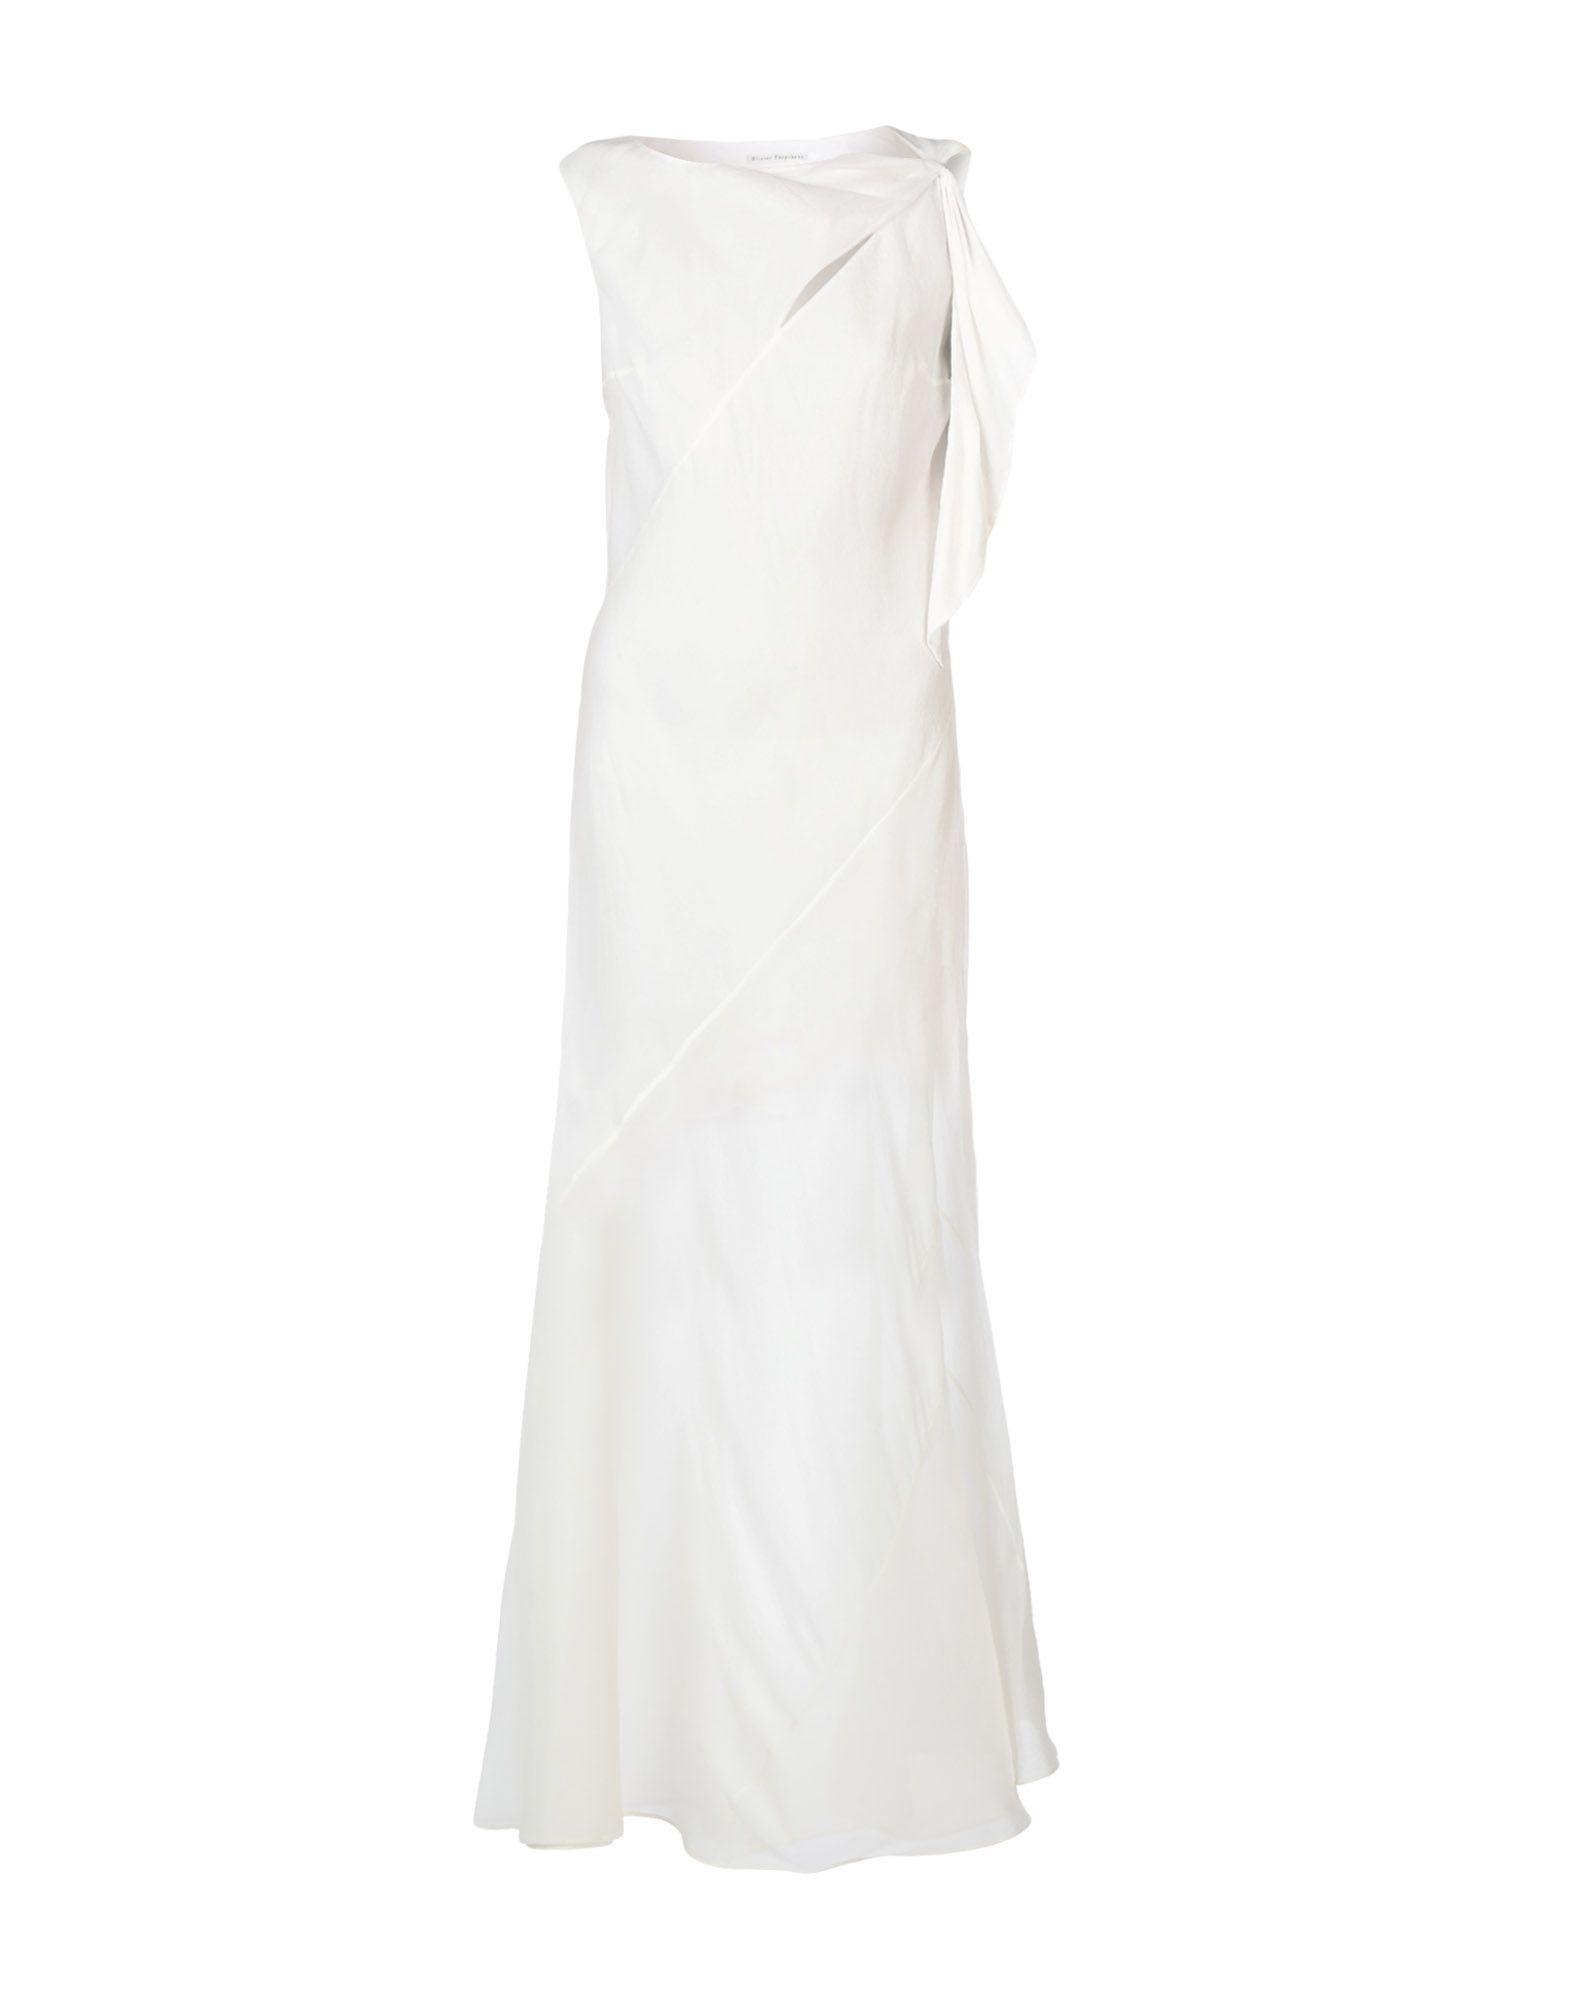 《送料無料》OLIVIER THEYSKENS レディース ロングワンピース&ドレス アイボリー 40 シルク 100%